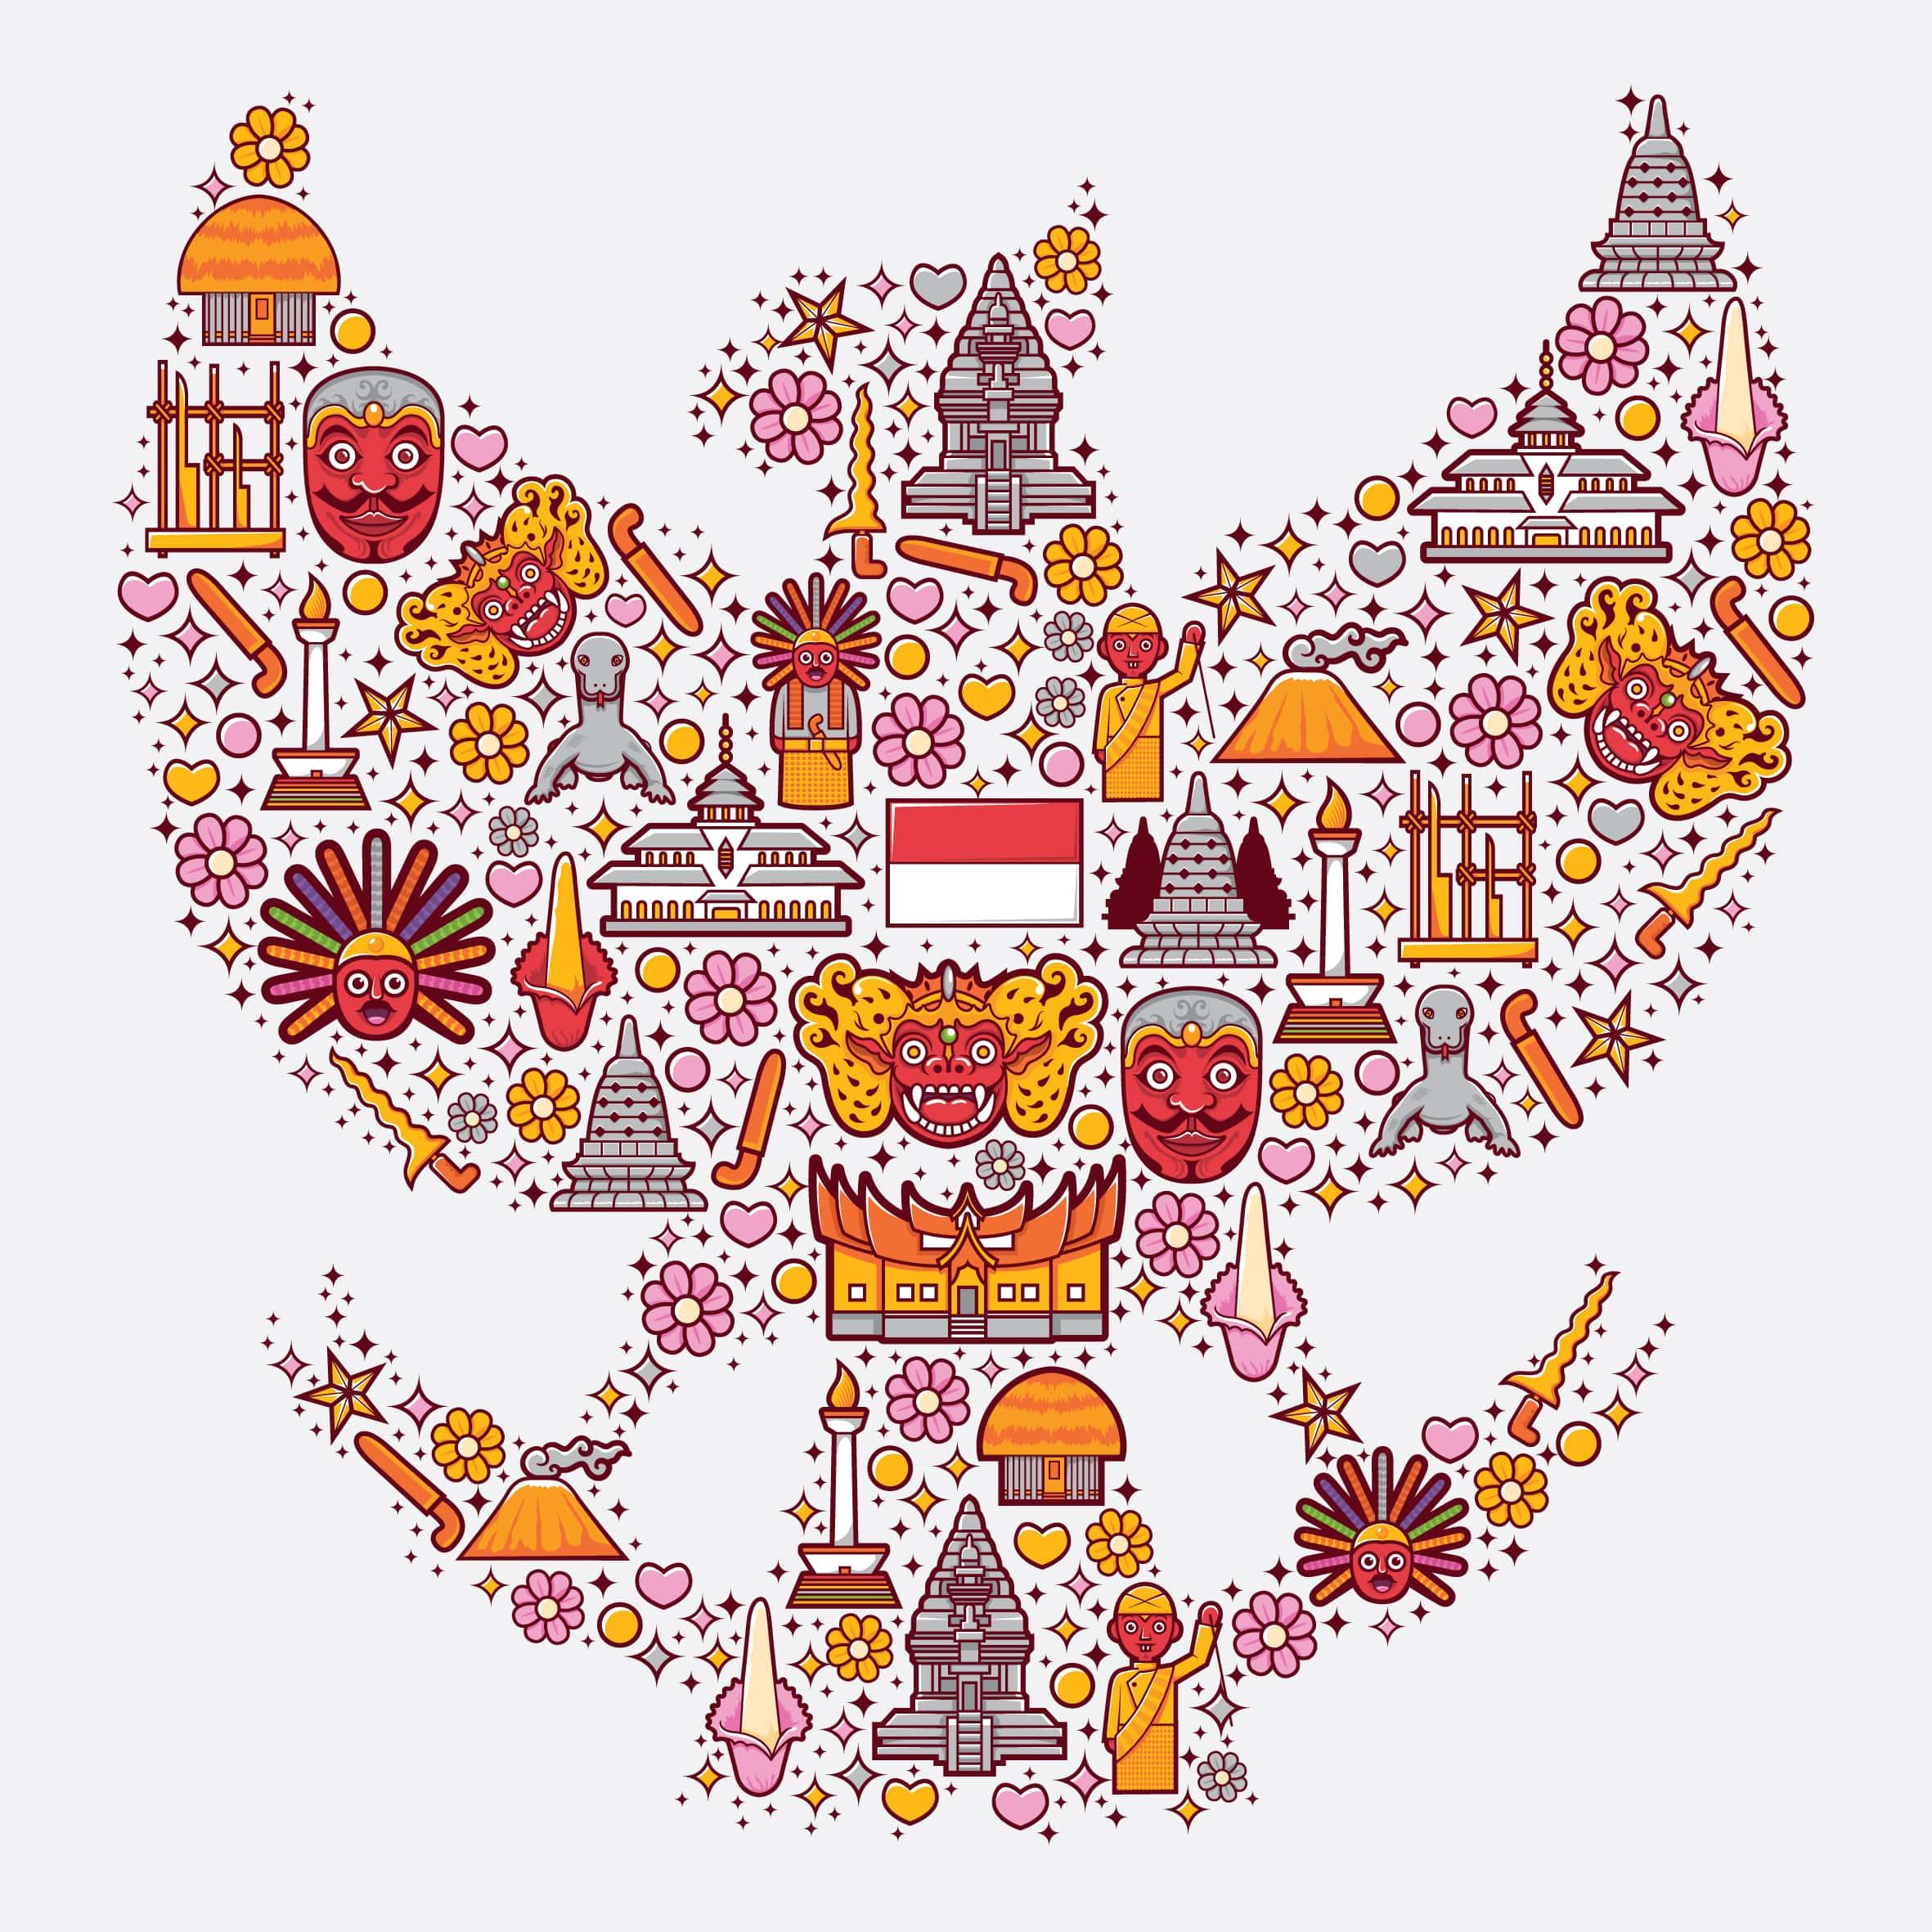 Ilustrasi Lambang Garuda